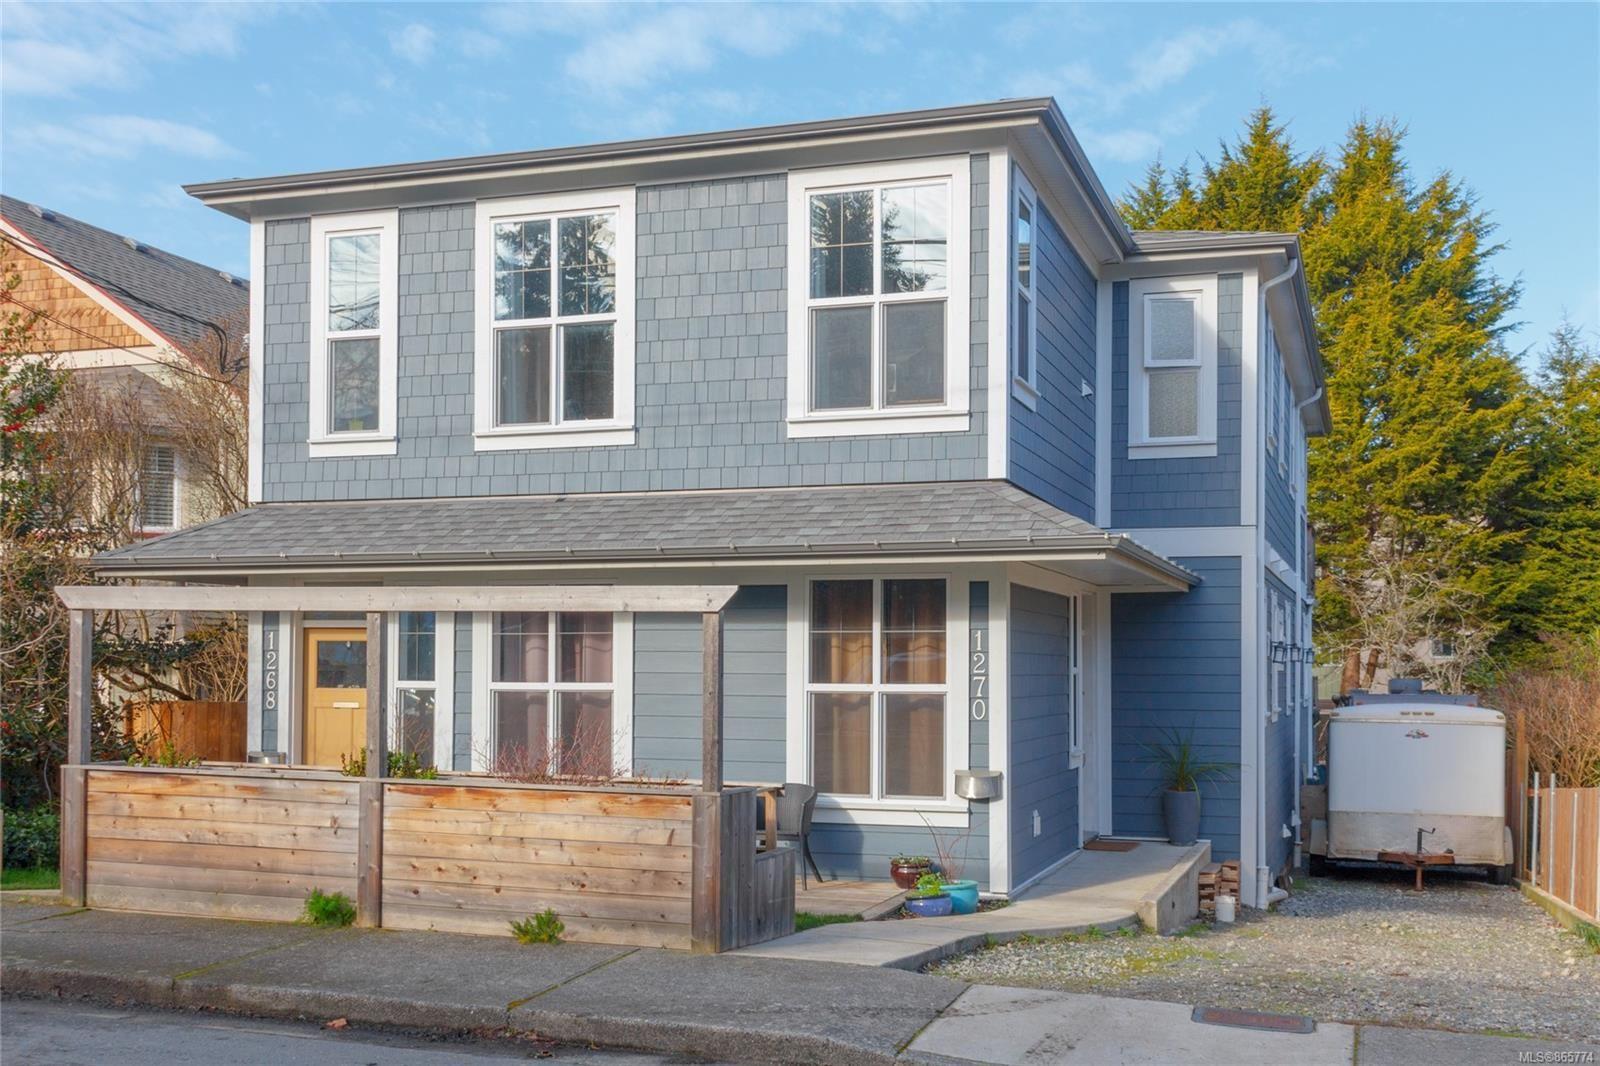 Main Photo: 1268/1270 Walnut St in : Vi Fernwood Full Duplex for sale (Victoria)  : MLS®# 865774